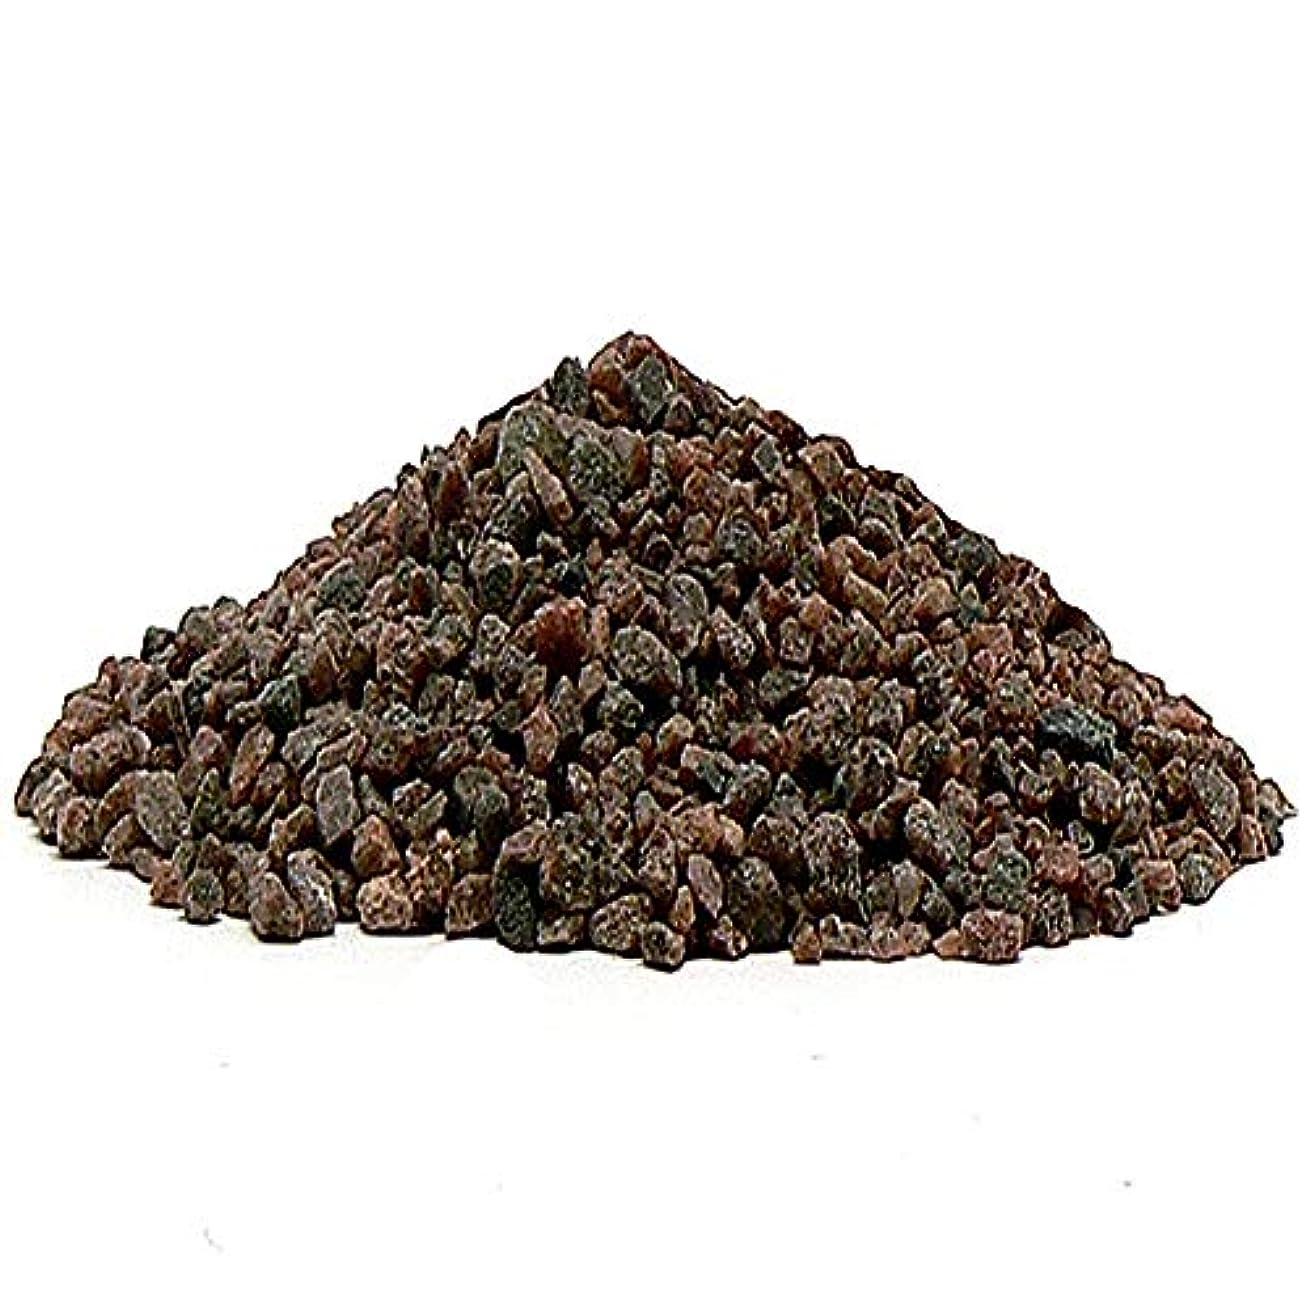 おしゃれな百またね増量中! ヒマラヤ岩塩 ブラックソルト 入浴用 バスソルト(小粒) 黒岩塩 (2kg+300g増量)